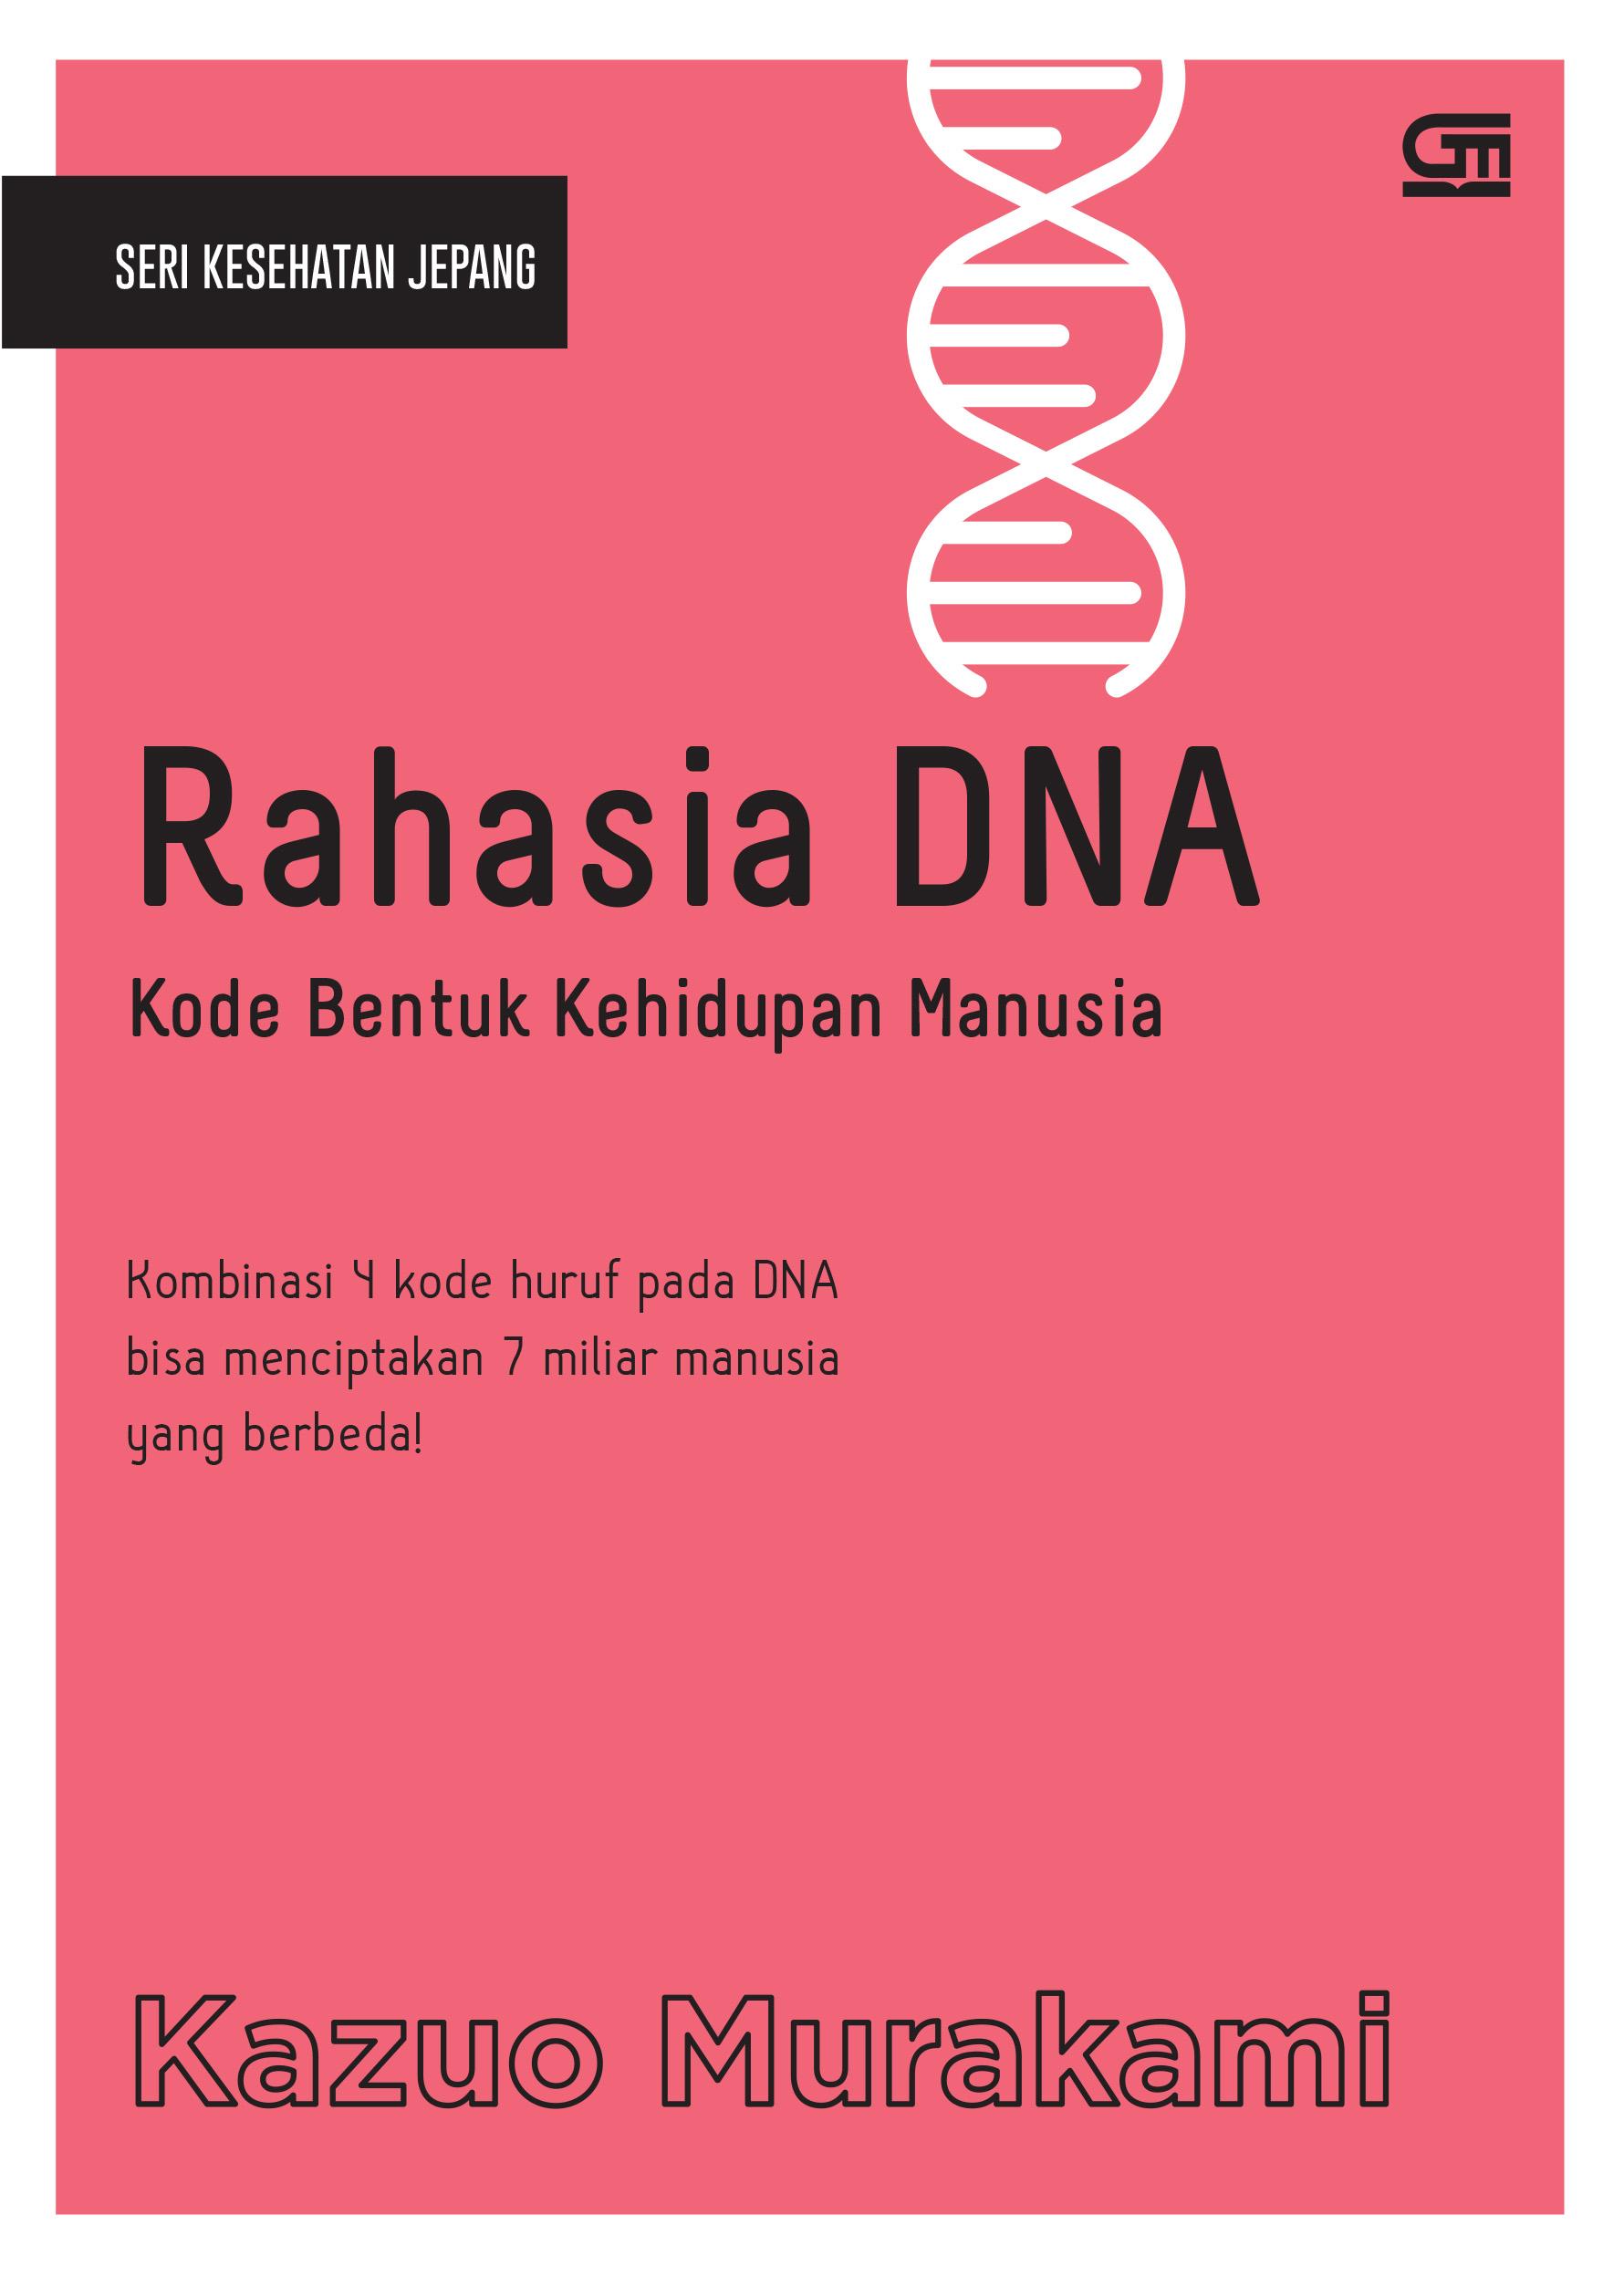 Rahasia DNA